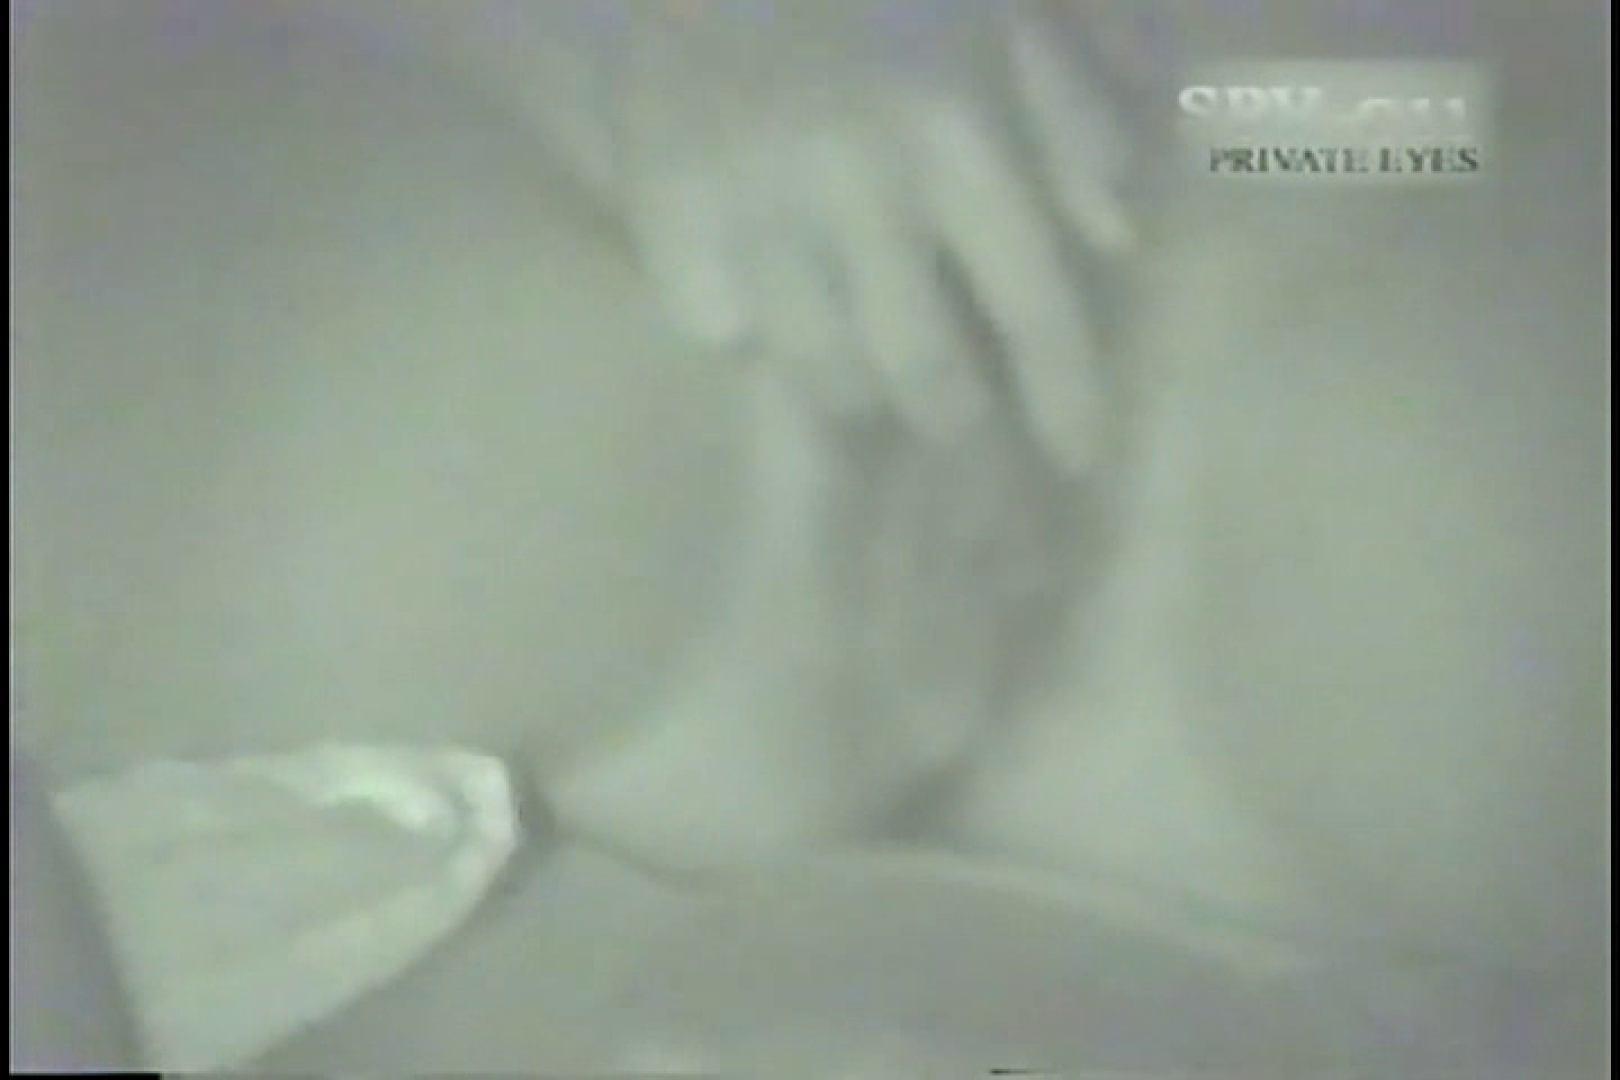 高画質版!SPD-011 盗撮 カーセックス黙示録 (VHS) セックスエロ動画 SEX無修正画像 107PIX 106